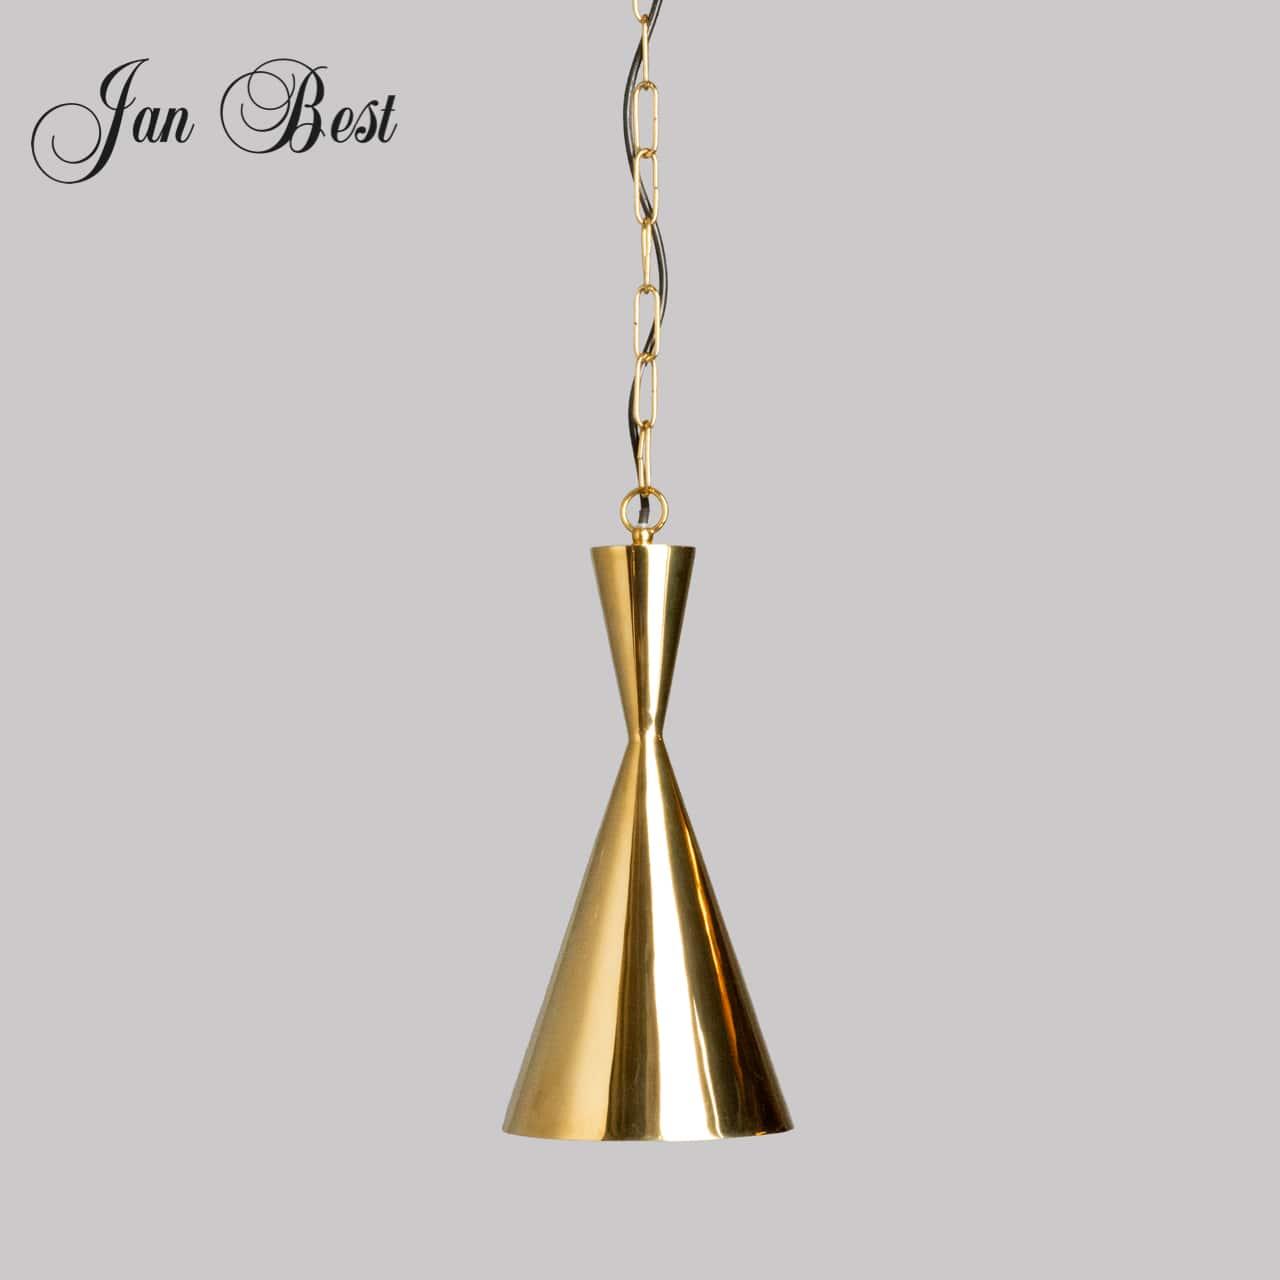 jan-best-hanglamp-messing-vintage-horeca-verlichting-nostalgische-verlichting-klassieke-verlichting-aalsmeer